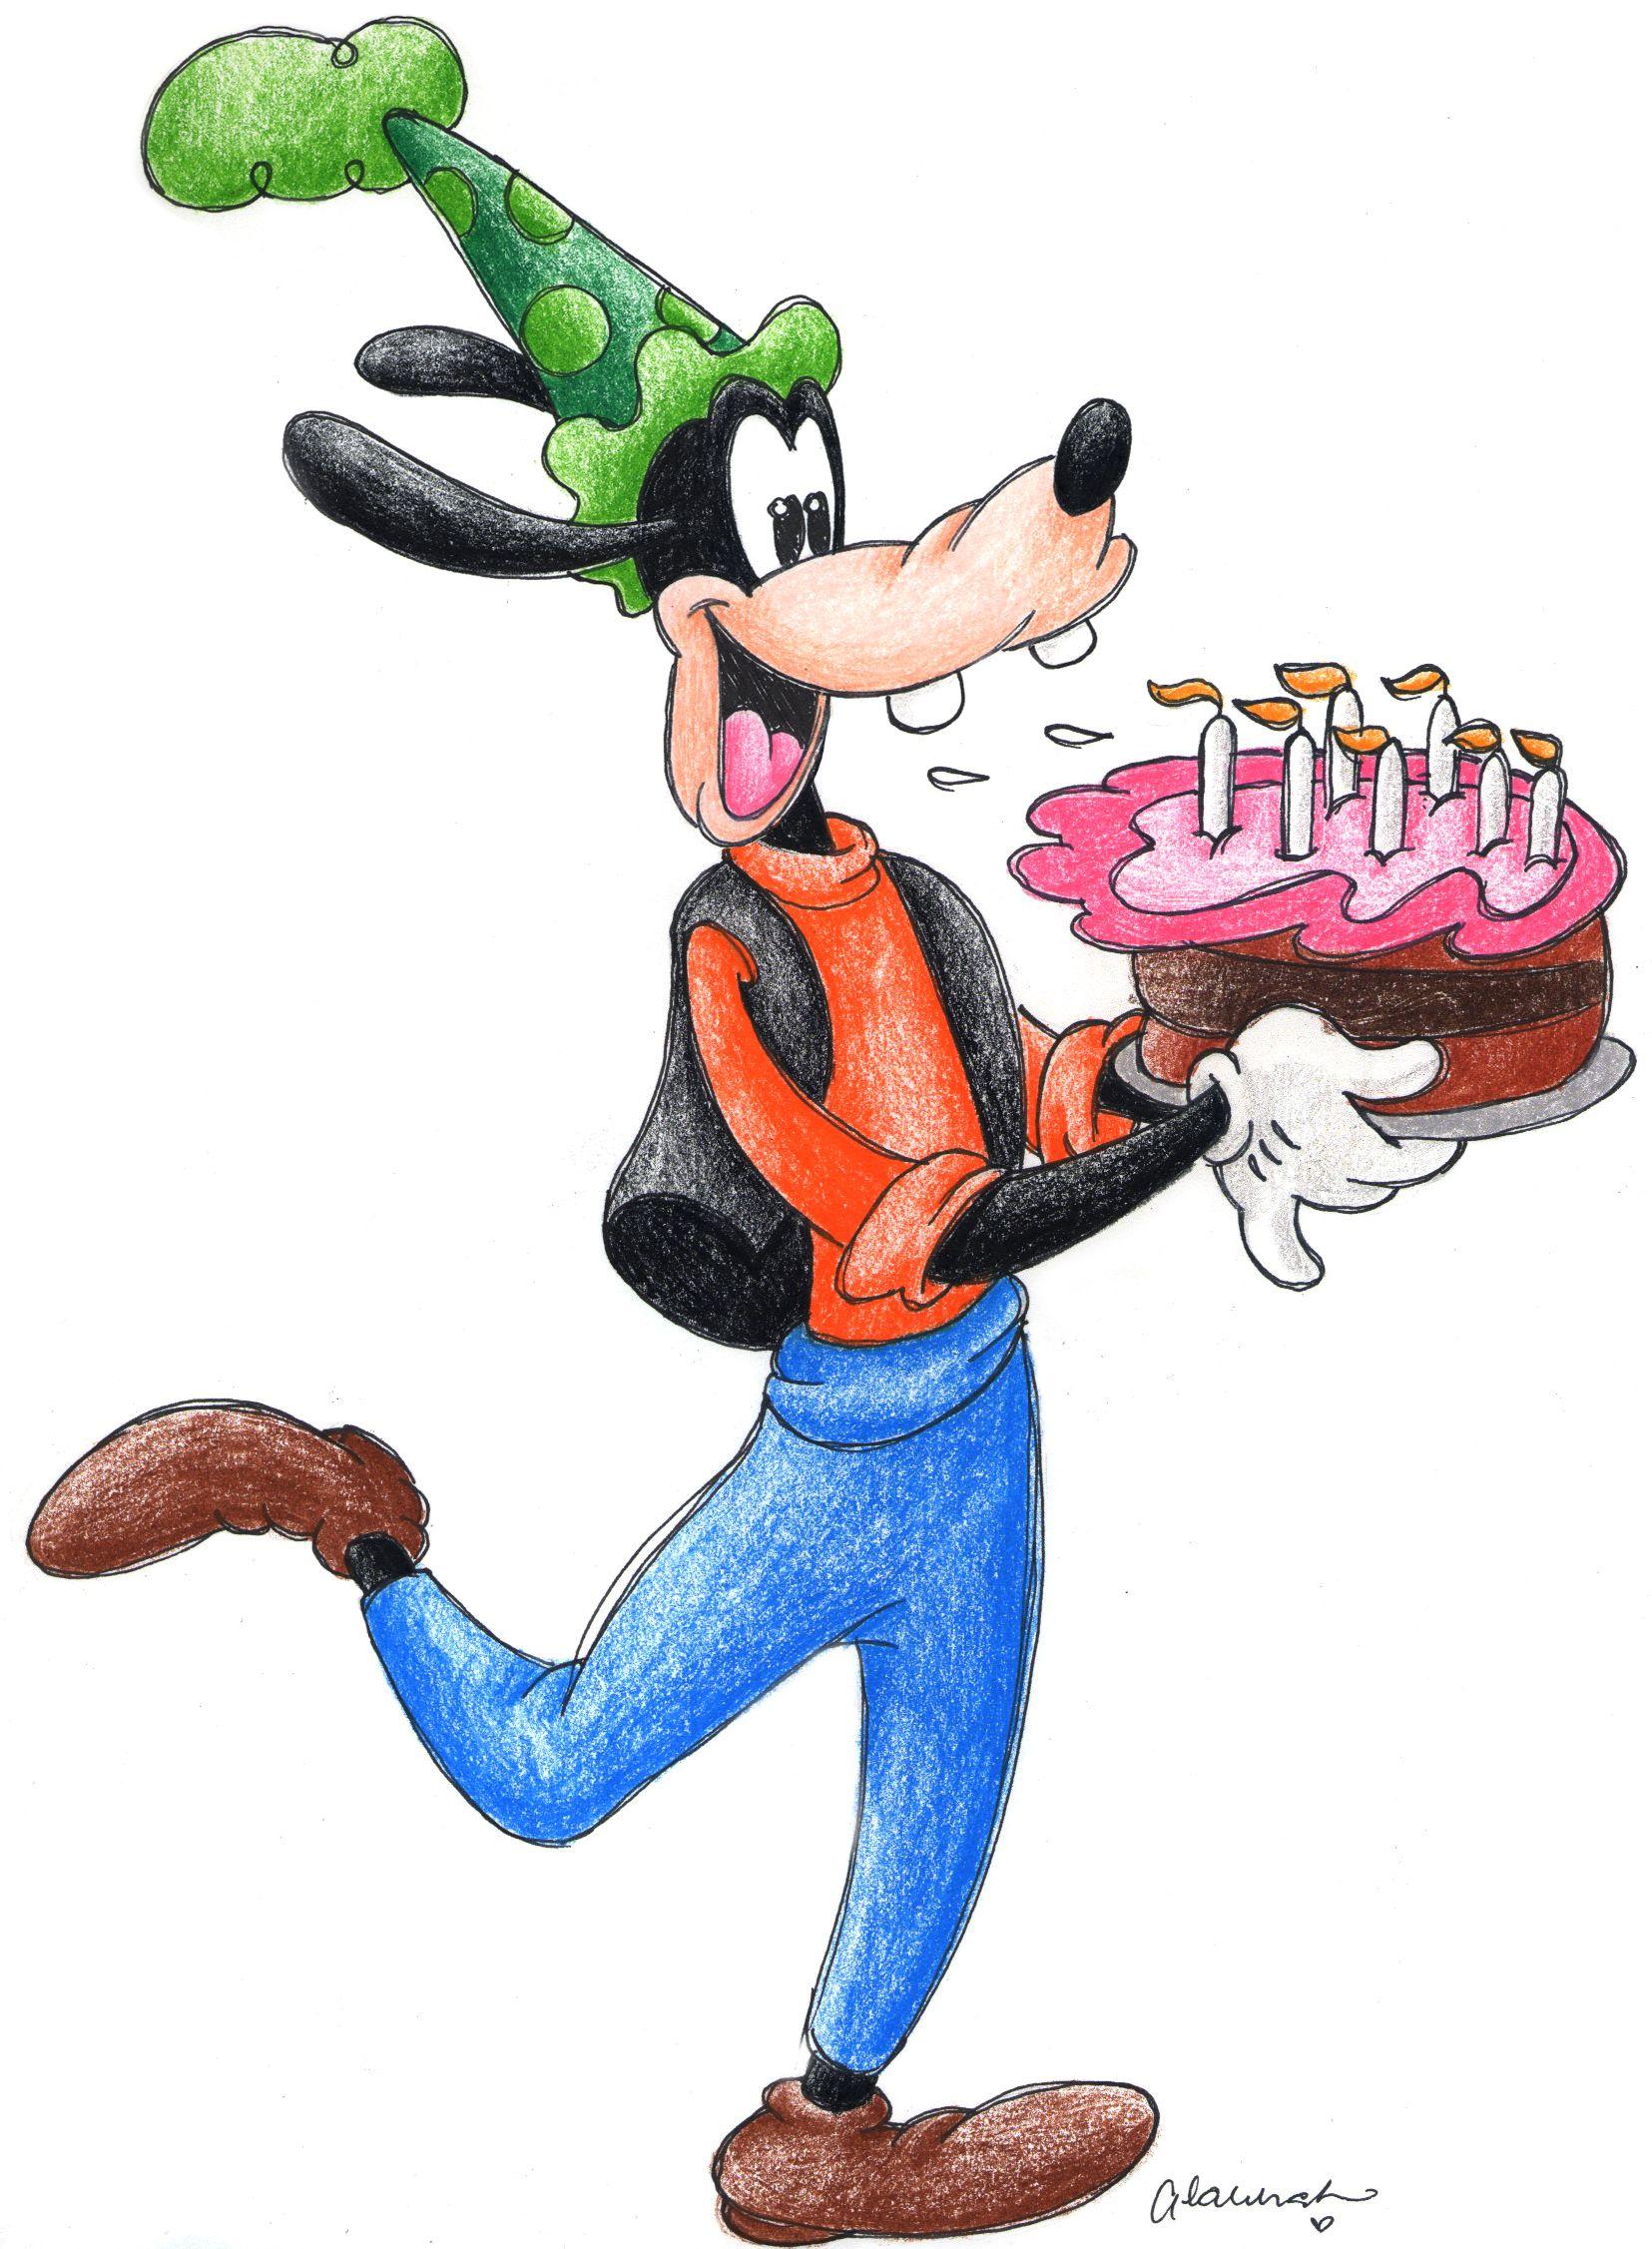 Happy Birthday Goofy Goofy pictures, Goofy disney, Goofy